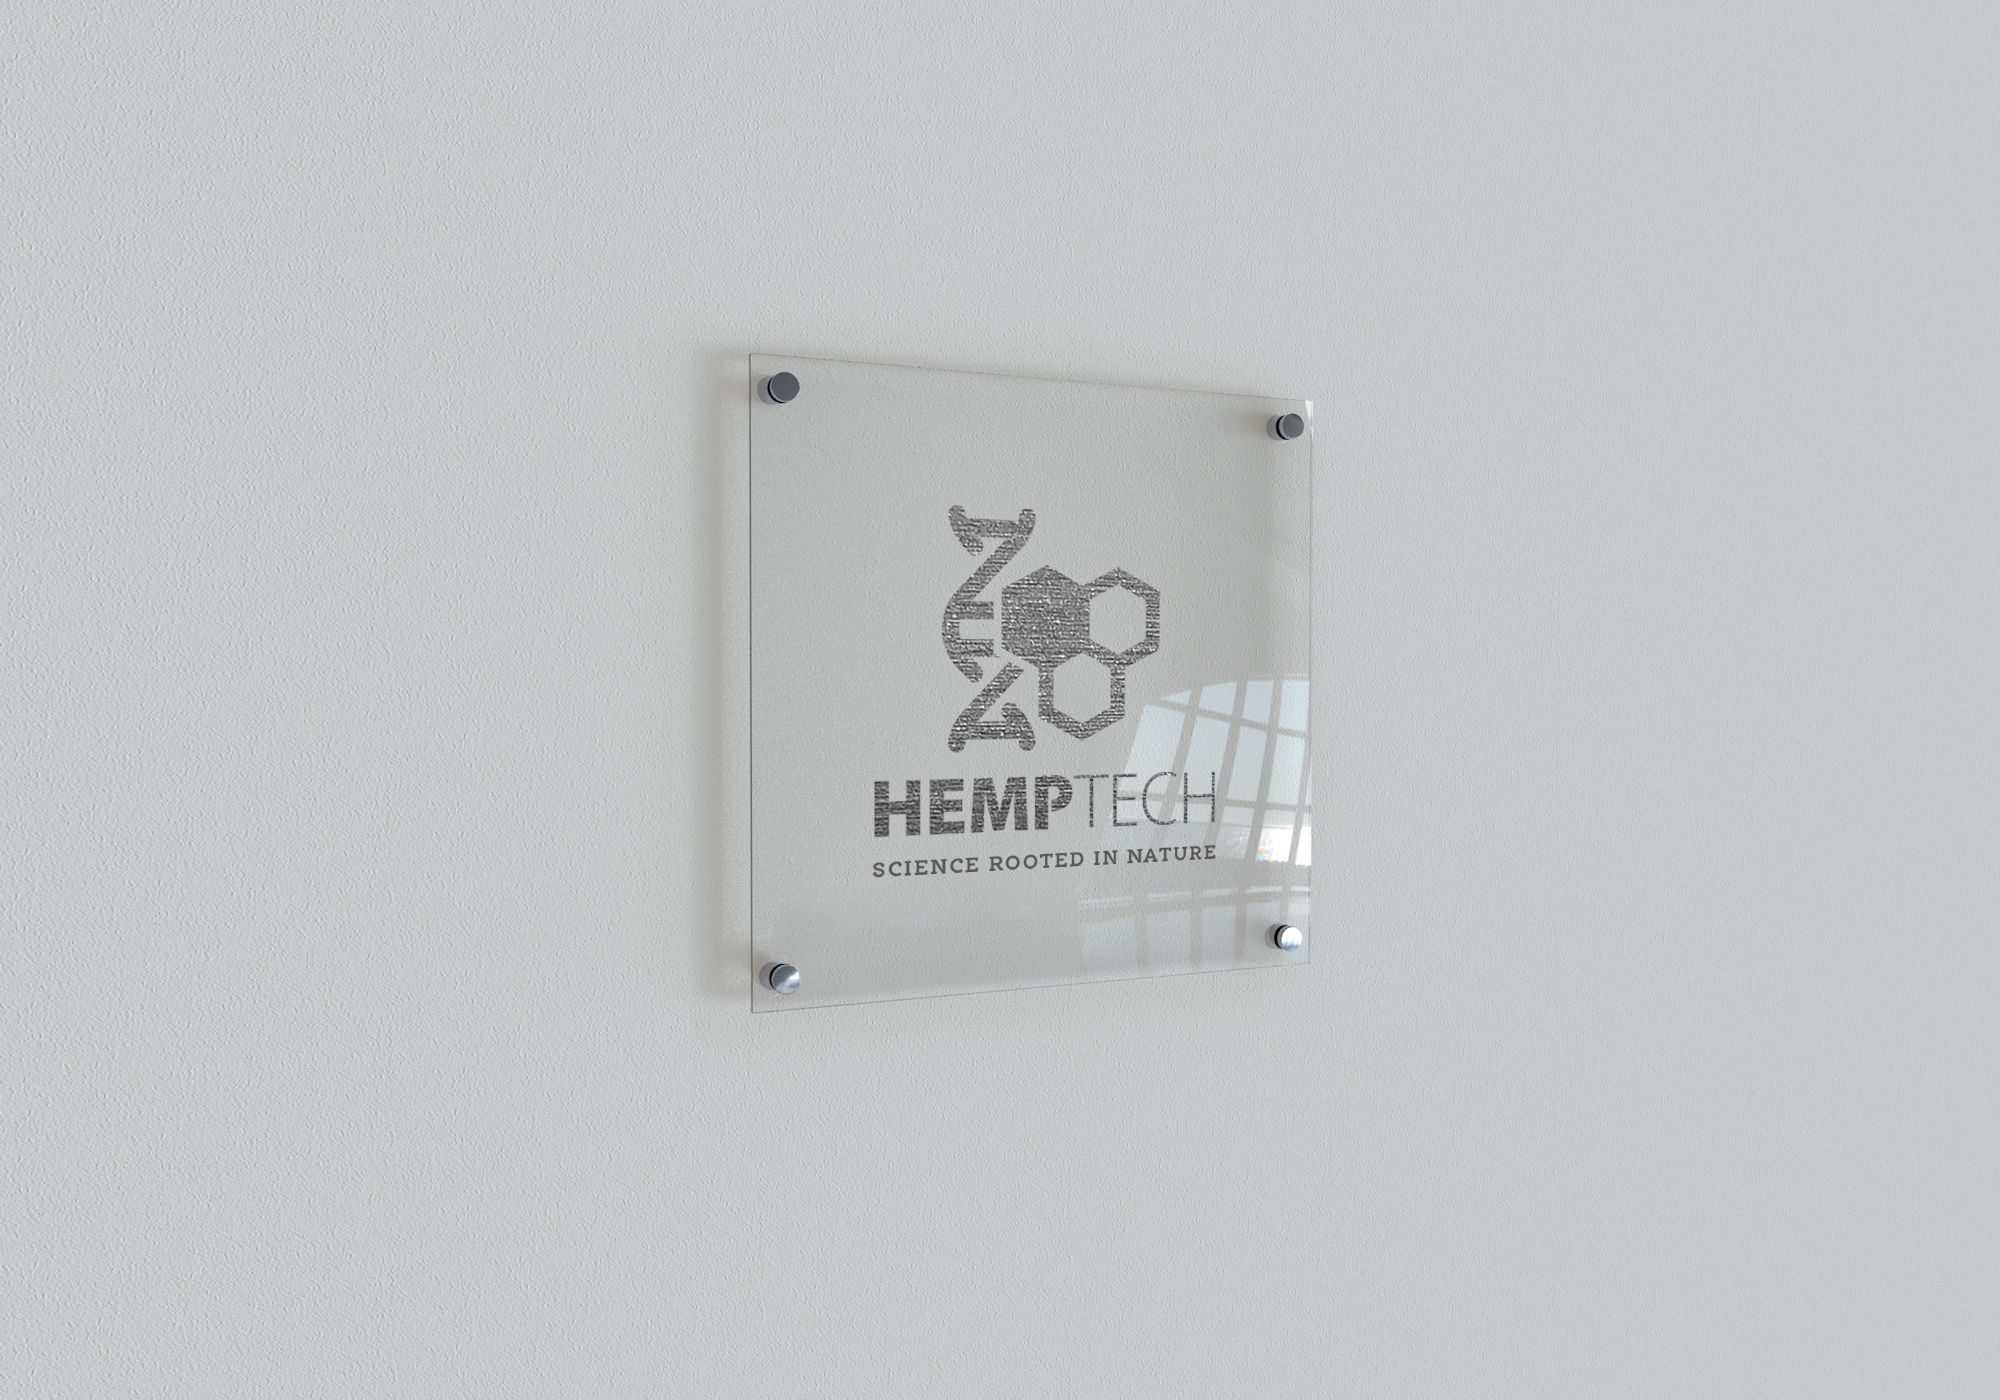 HempTech_Indoor Signage Mockup.jpg